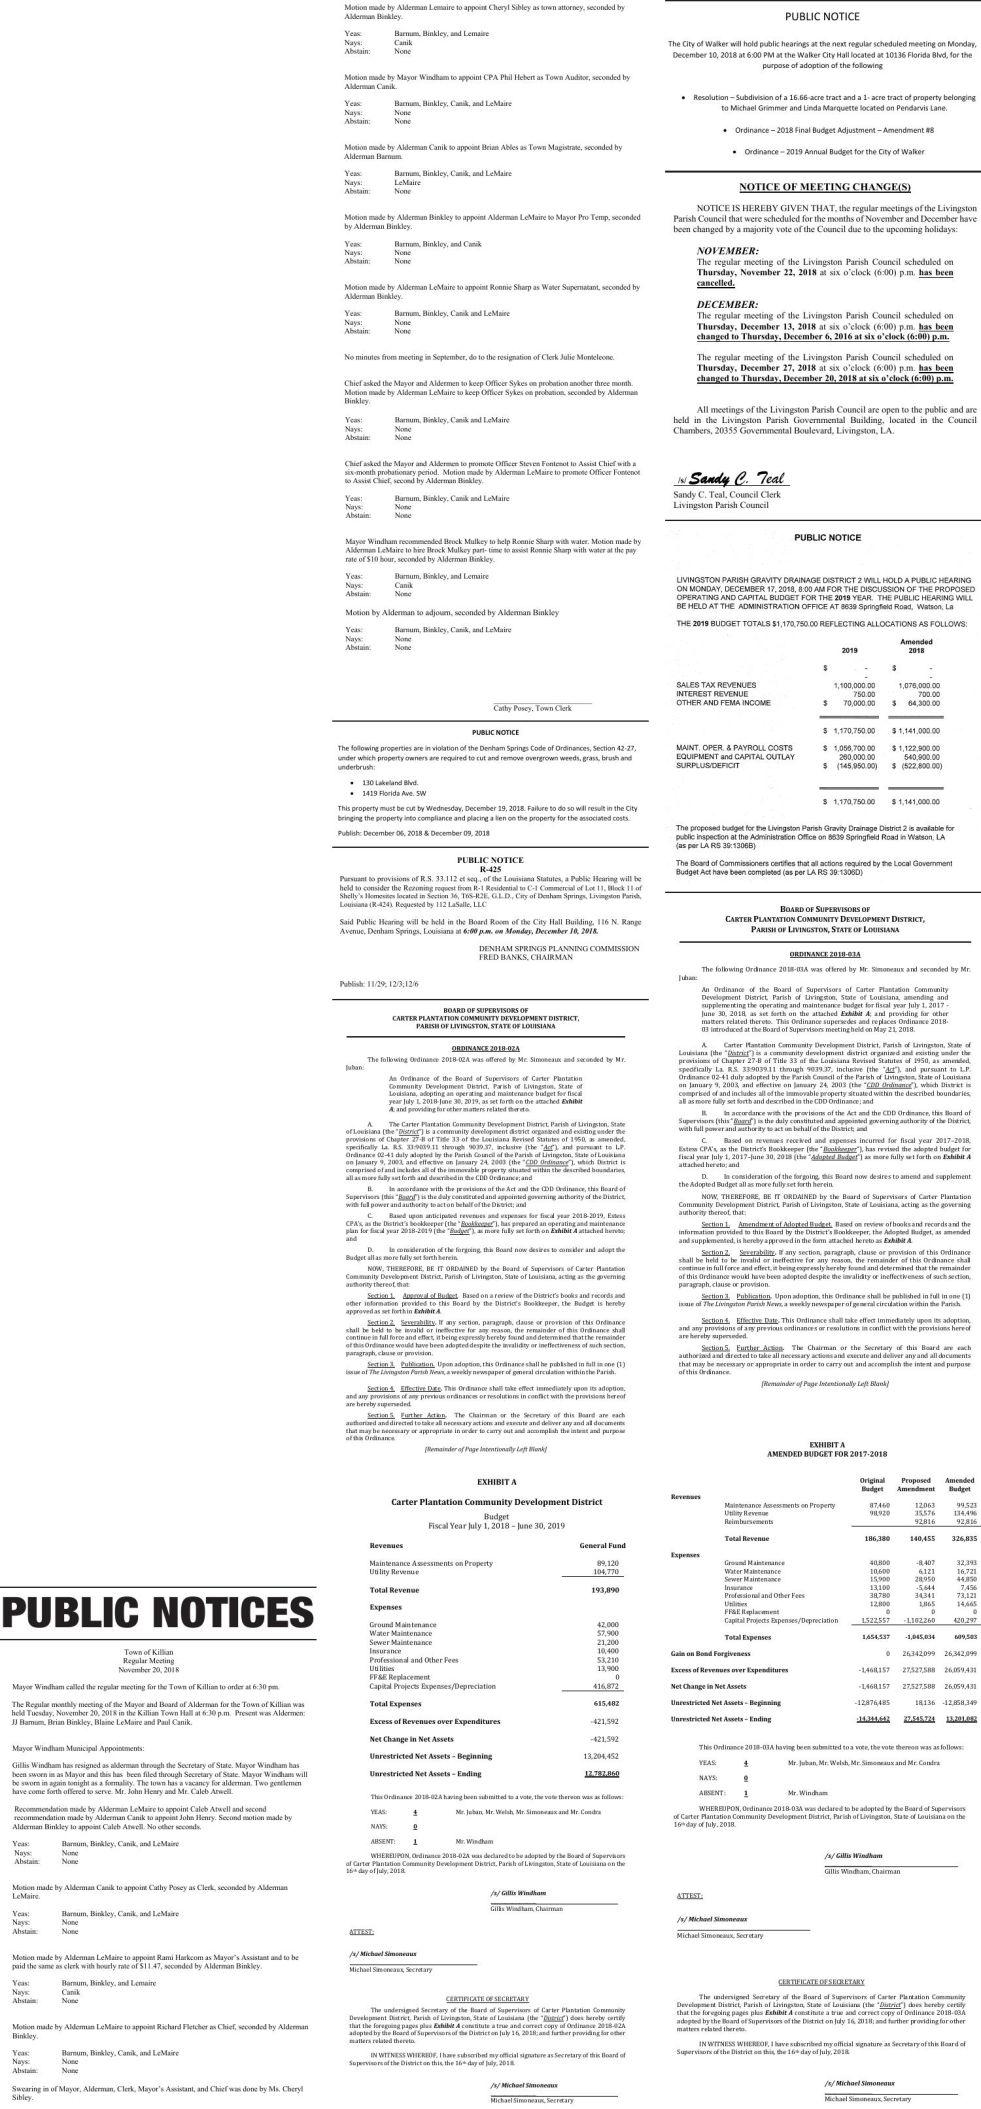 Public Notices published December 9, 2018